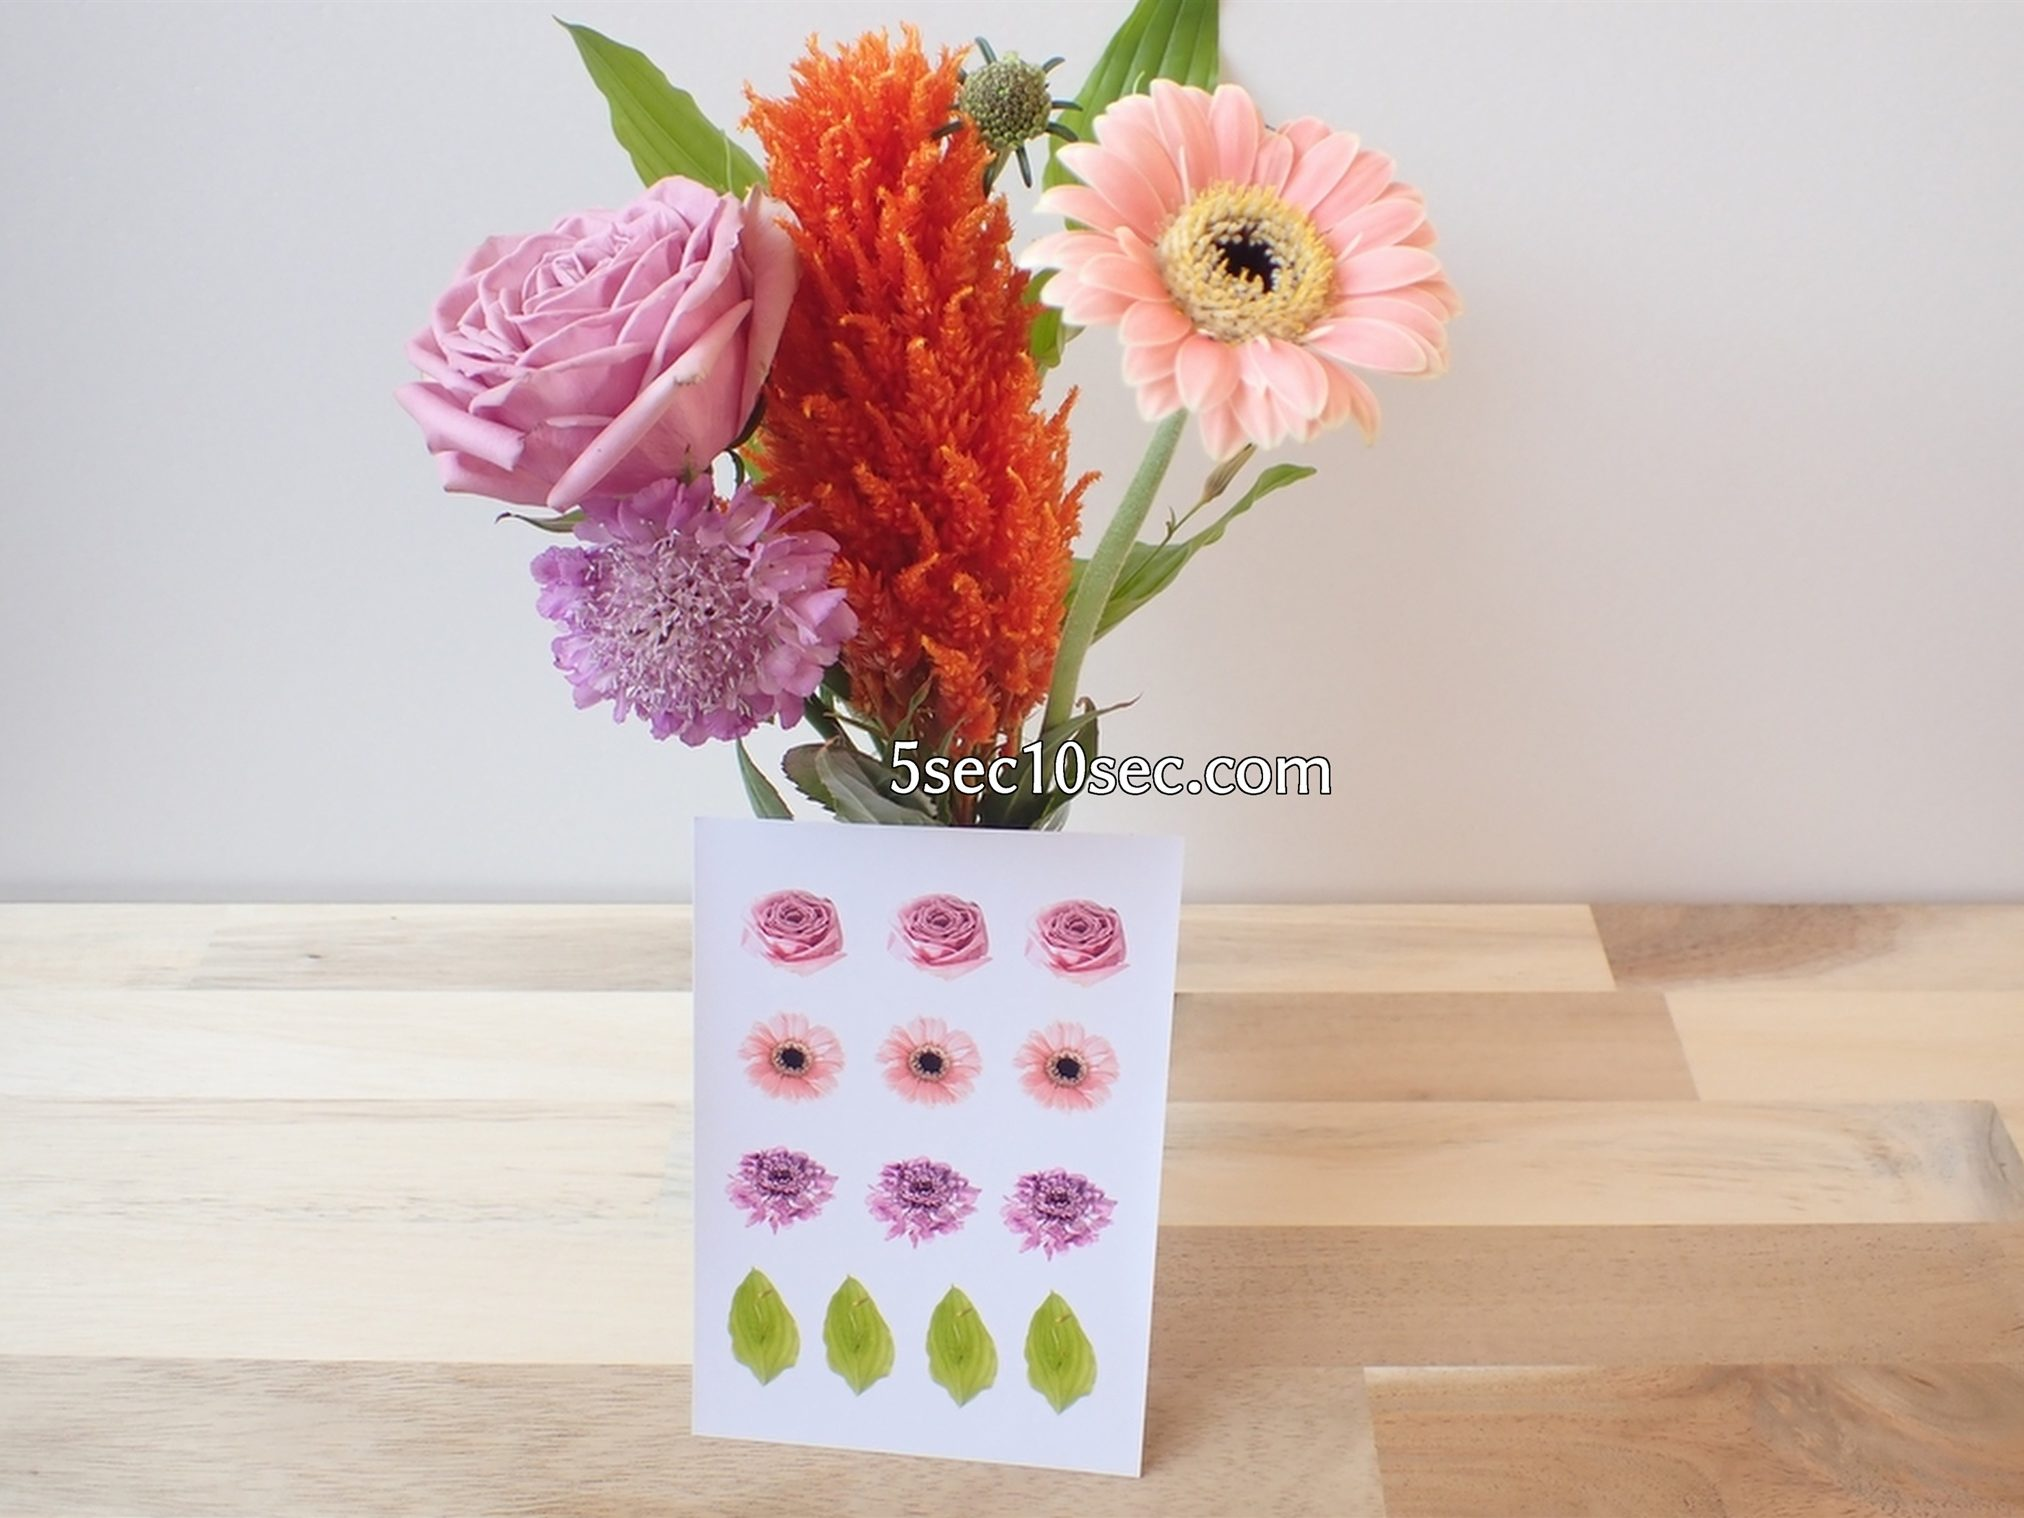 株式会社Crunch Style お花の定期便 Bloomee LIFE ブルーミーライフ レギュラープラン 切り花、生花を使って家庭用プリンターで自作シールを作ってみた